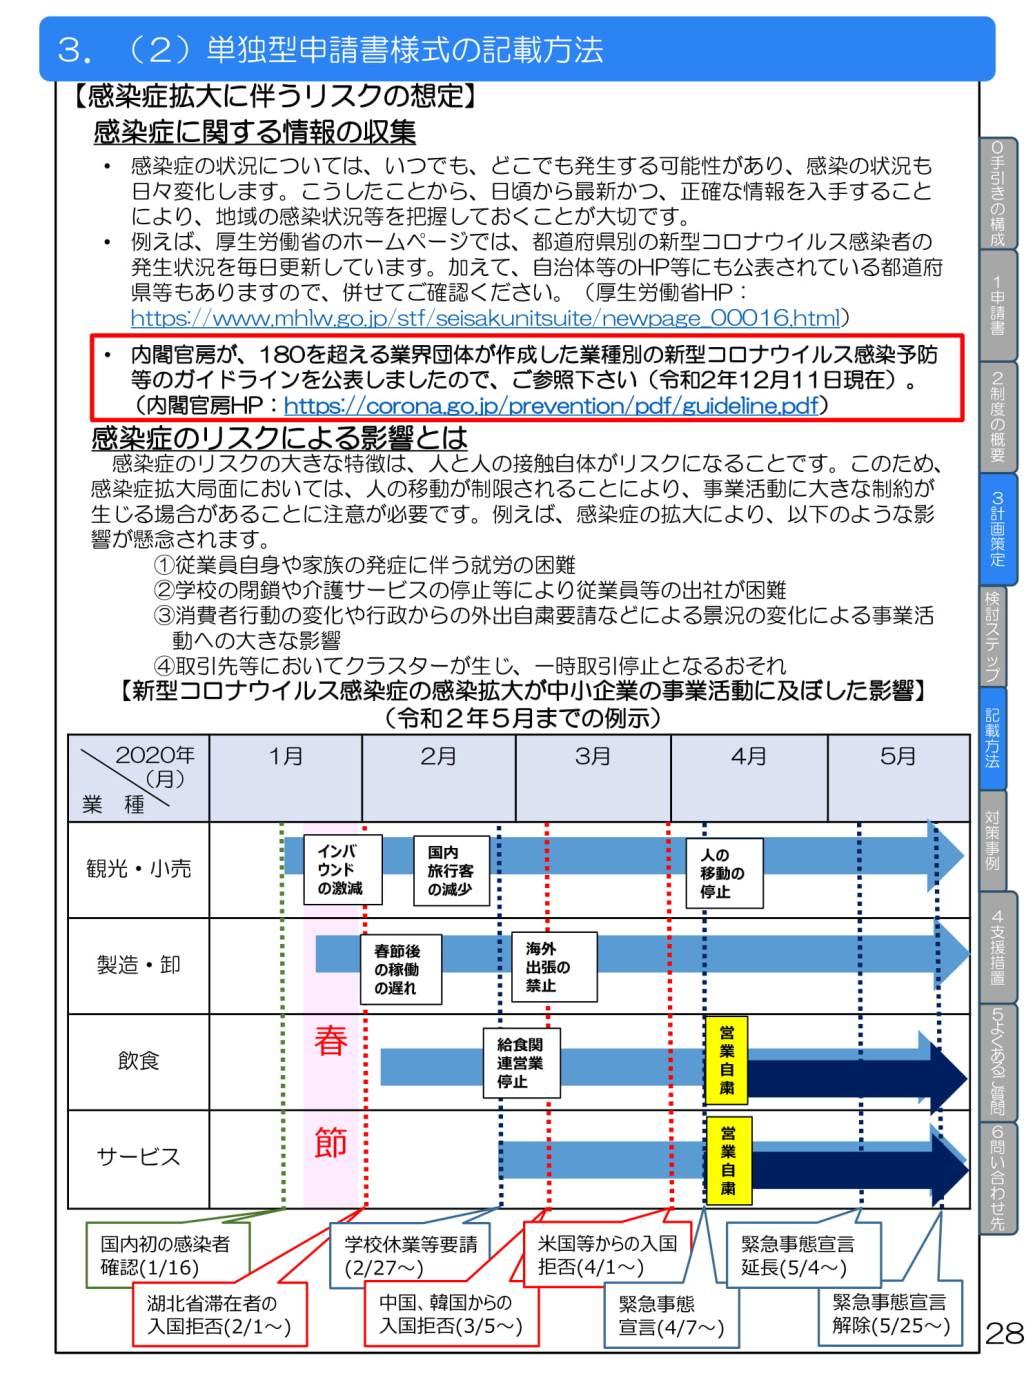 事業継続力強化計画策定の手引き(令和3年1月15日版)28ページ感染症対策情報